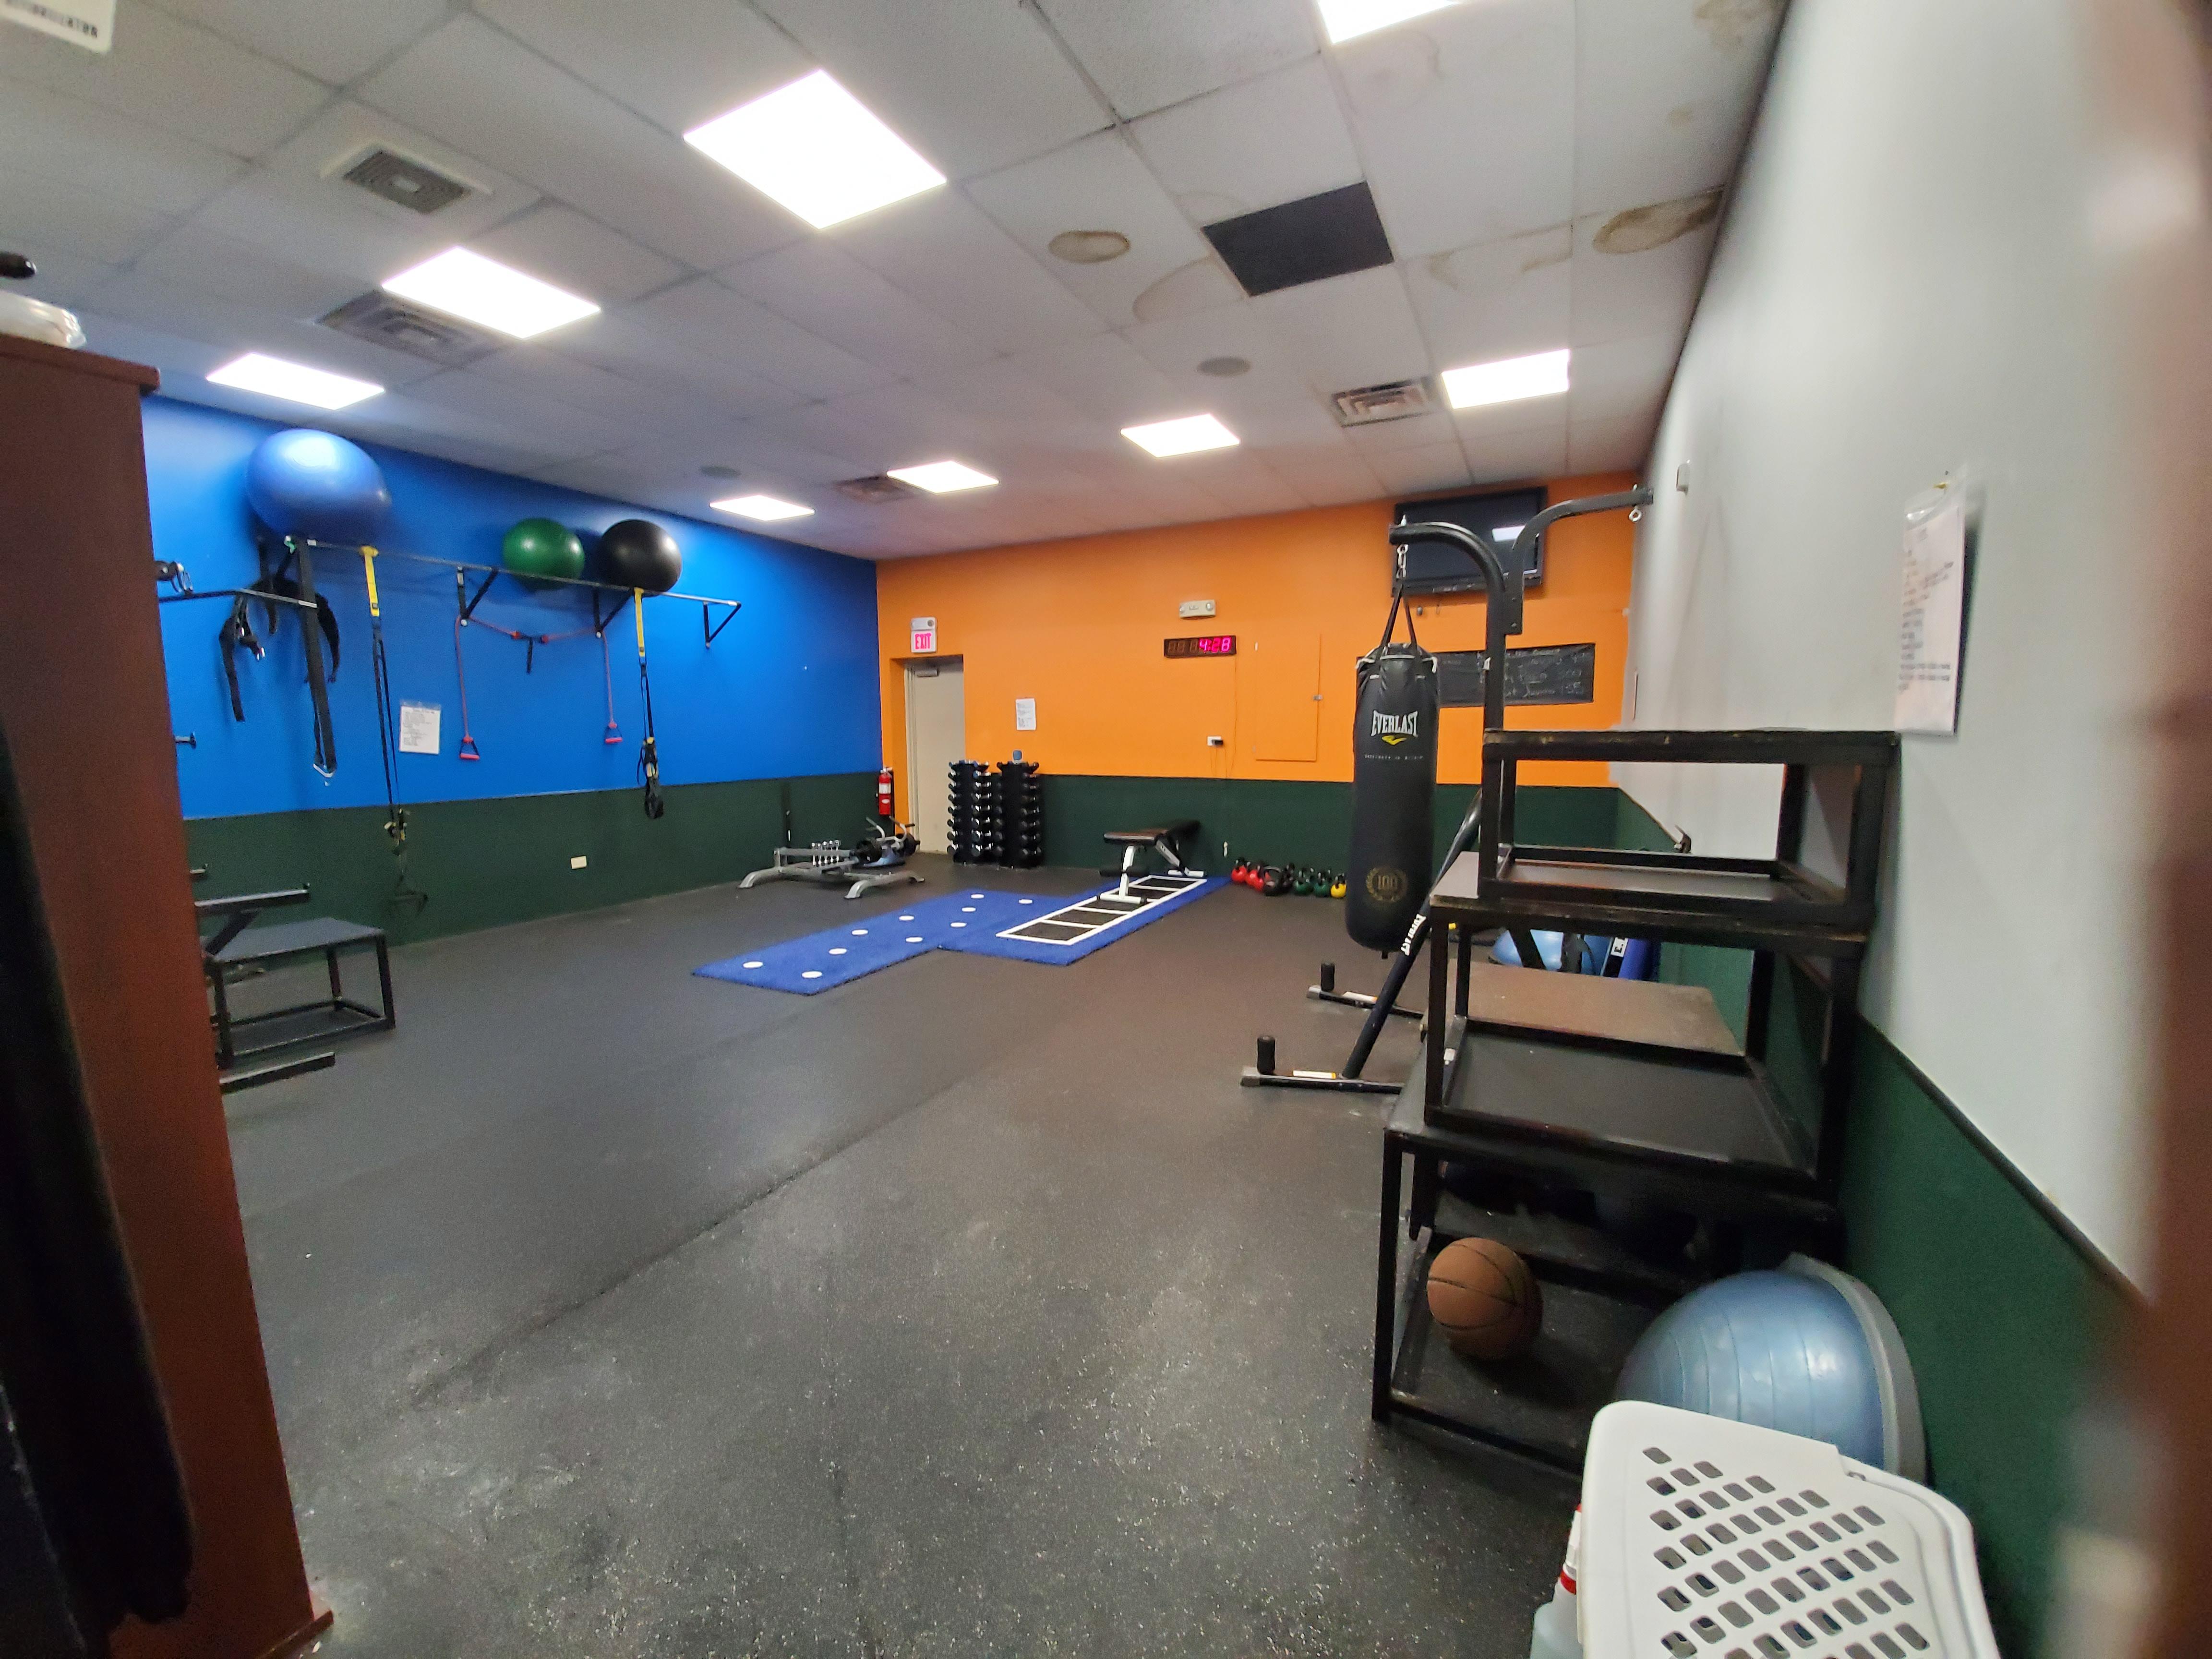 Team Training Room